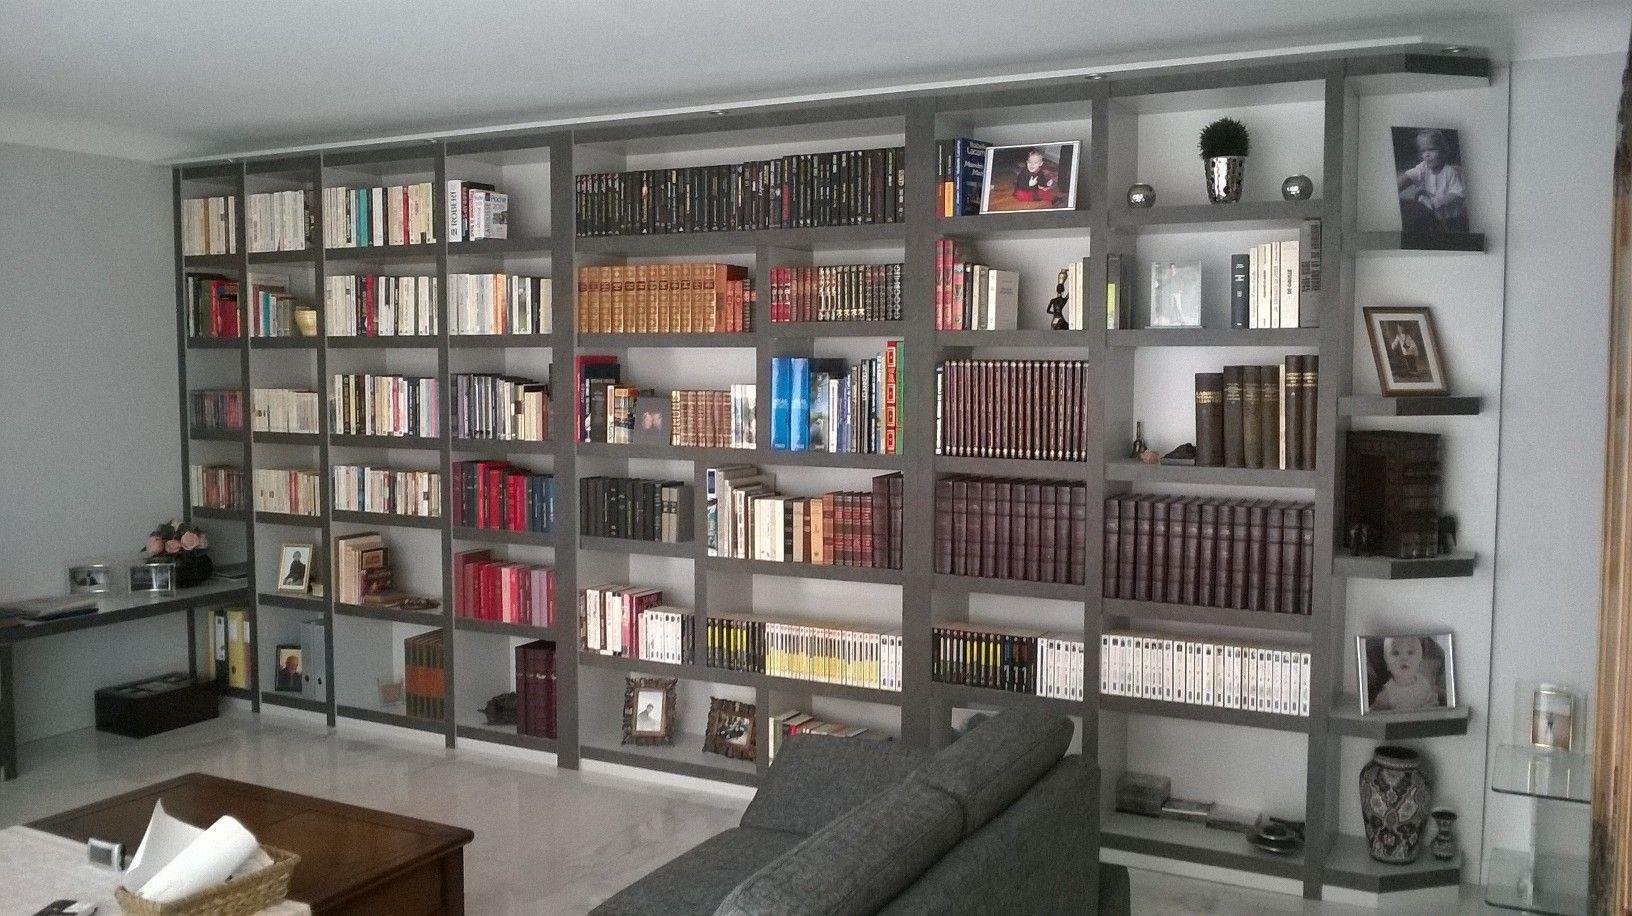 Bibliotheque Sur Mesure Salon - Une Grande Biblioth Que Sur Mesure Pour Un Salon Chez Un [mjhdah]http://www.mh-deco.fr/wp-content/uploads/2014/11/Amenagement-salon-bibliotheque-alsace.jpg